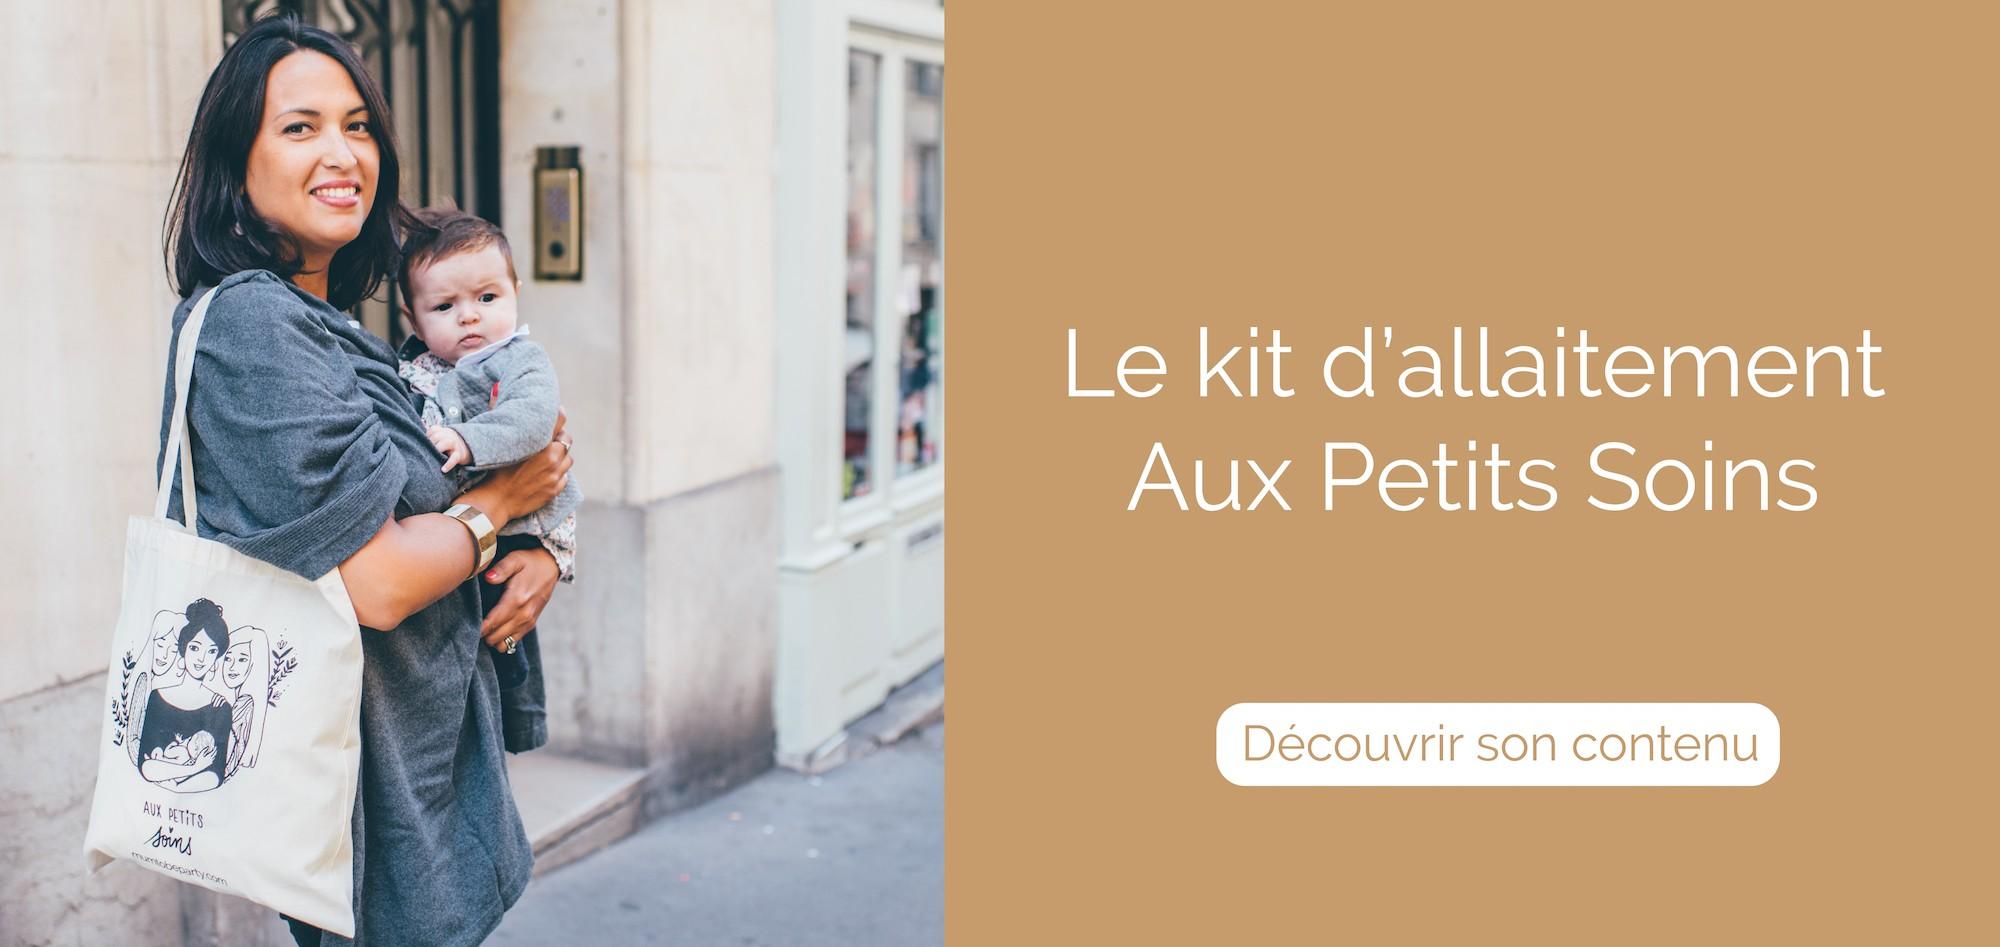 kit-coffret-aux-petits-soins-allaitement-2018